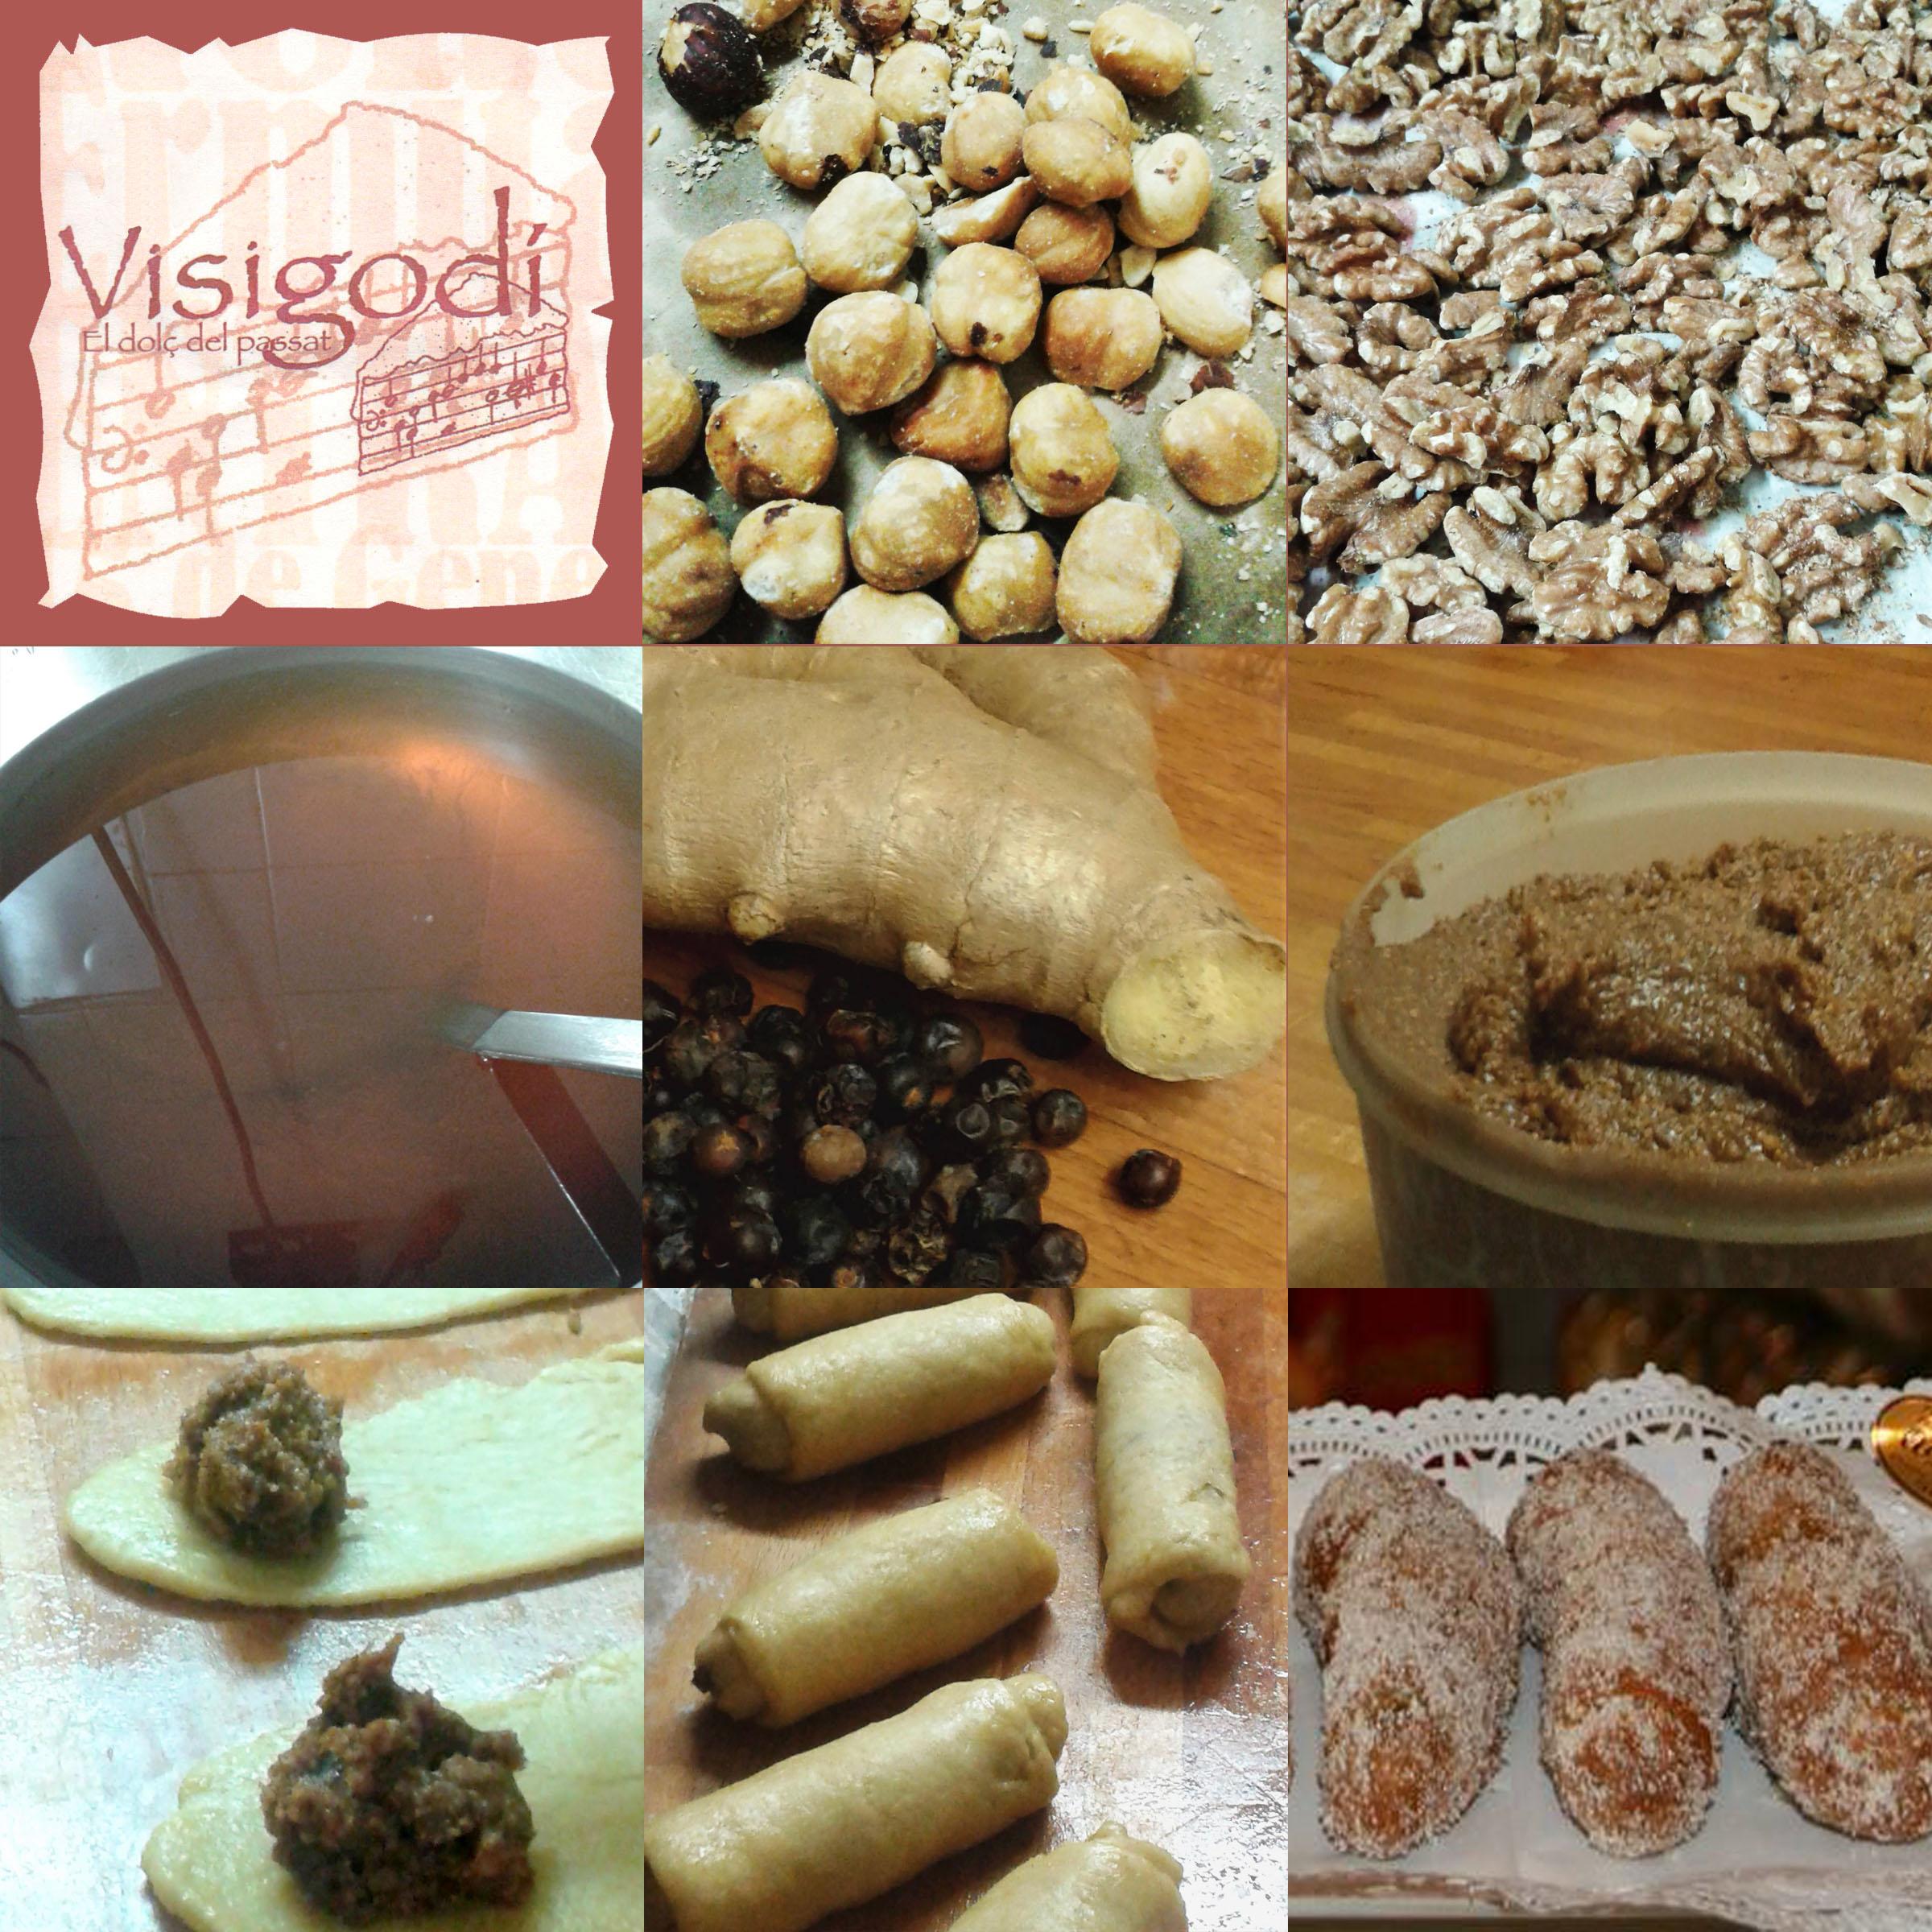 Mosaïc de 9 fotos que mostren els componets i el procés de fabricació dels visigodins